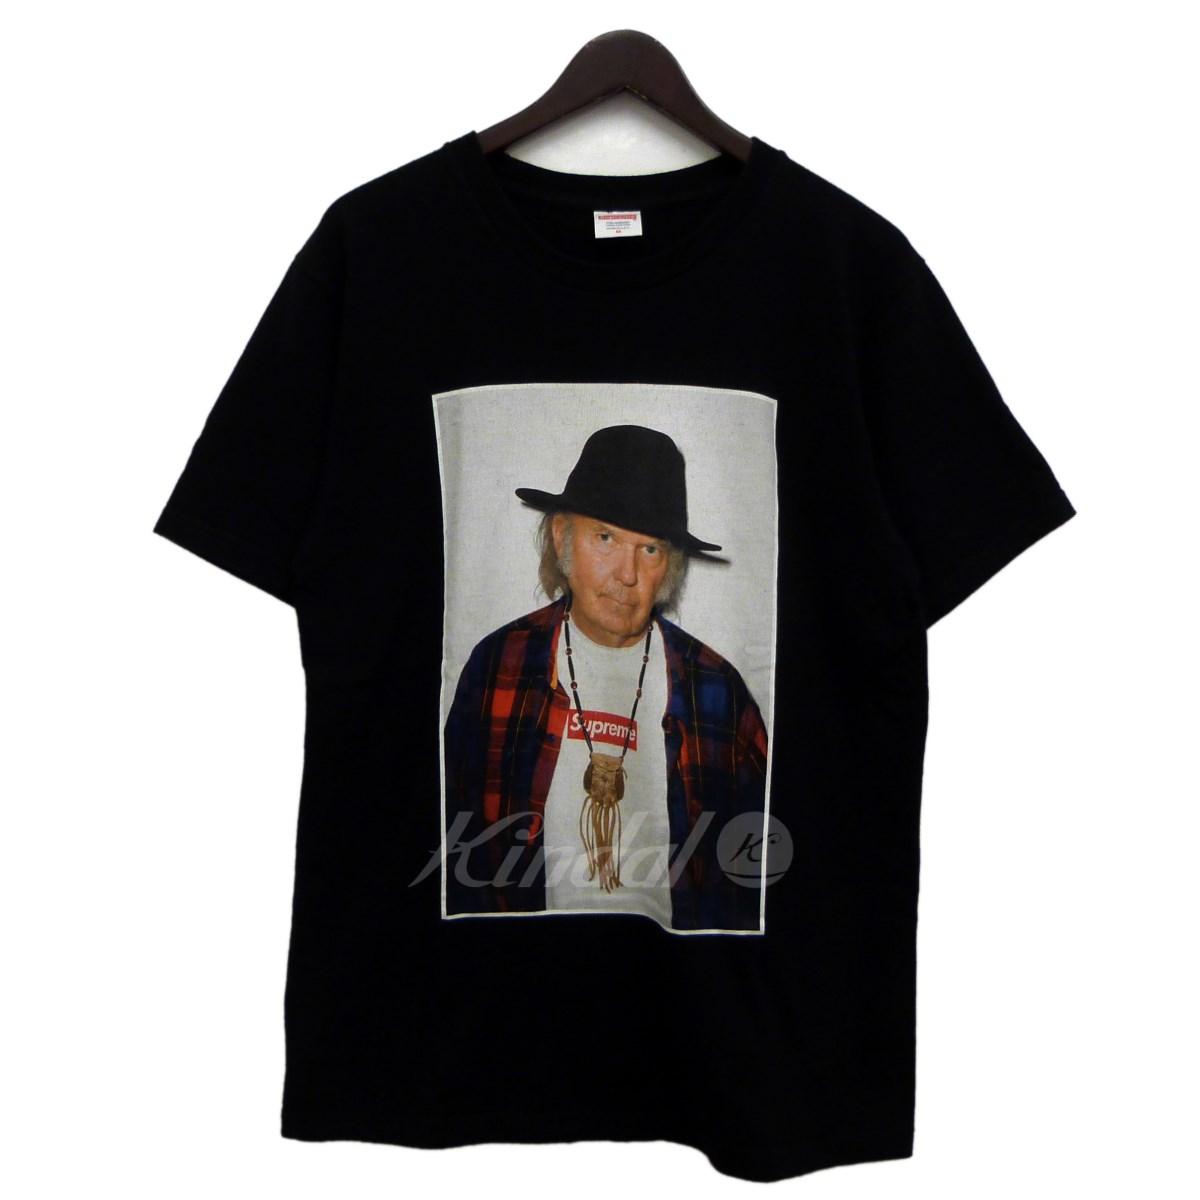 【中古】SUPREME 15SS「Neil Toung Tee」ニールヤングTシャツ ブラック サイズ:M 【送料無料】 【260918】(シュプリーム)